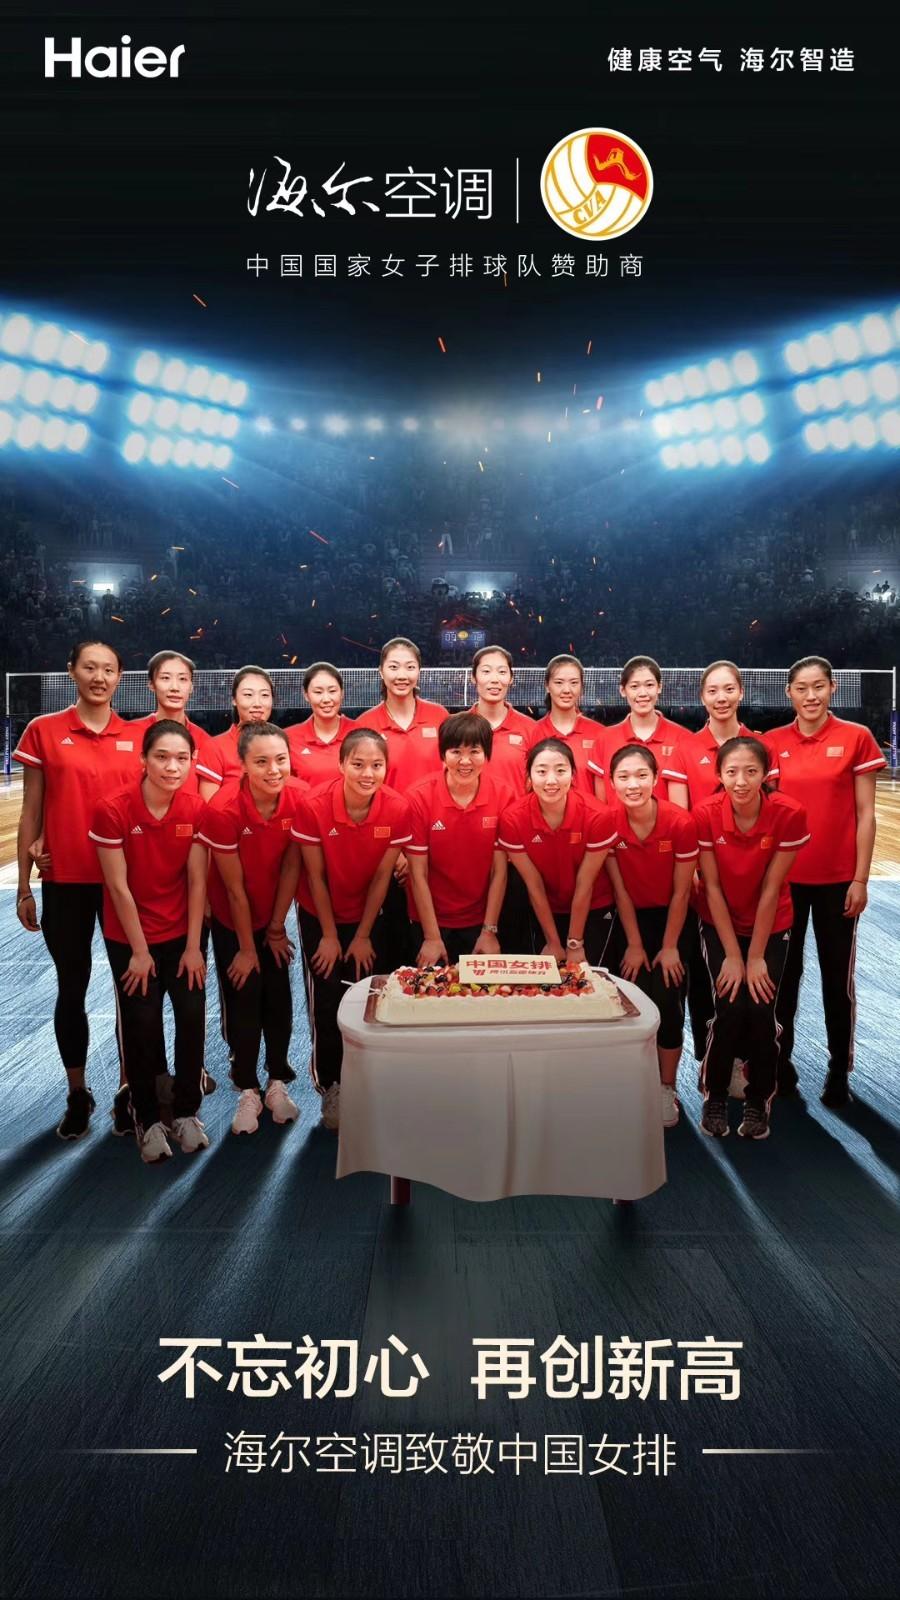 早餐11.30 | 海尔空调赞助中国女排 托雷斯成欧洲杯抽签仪式大使